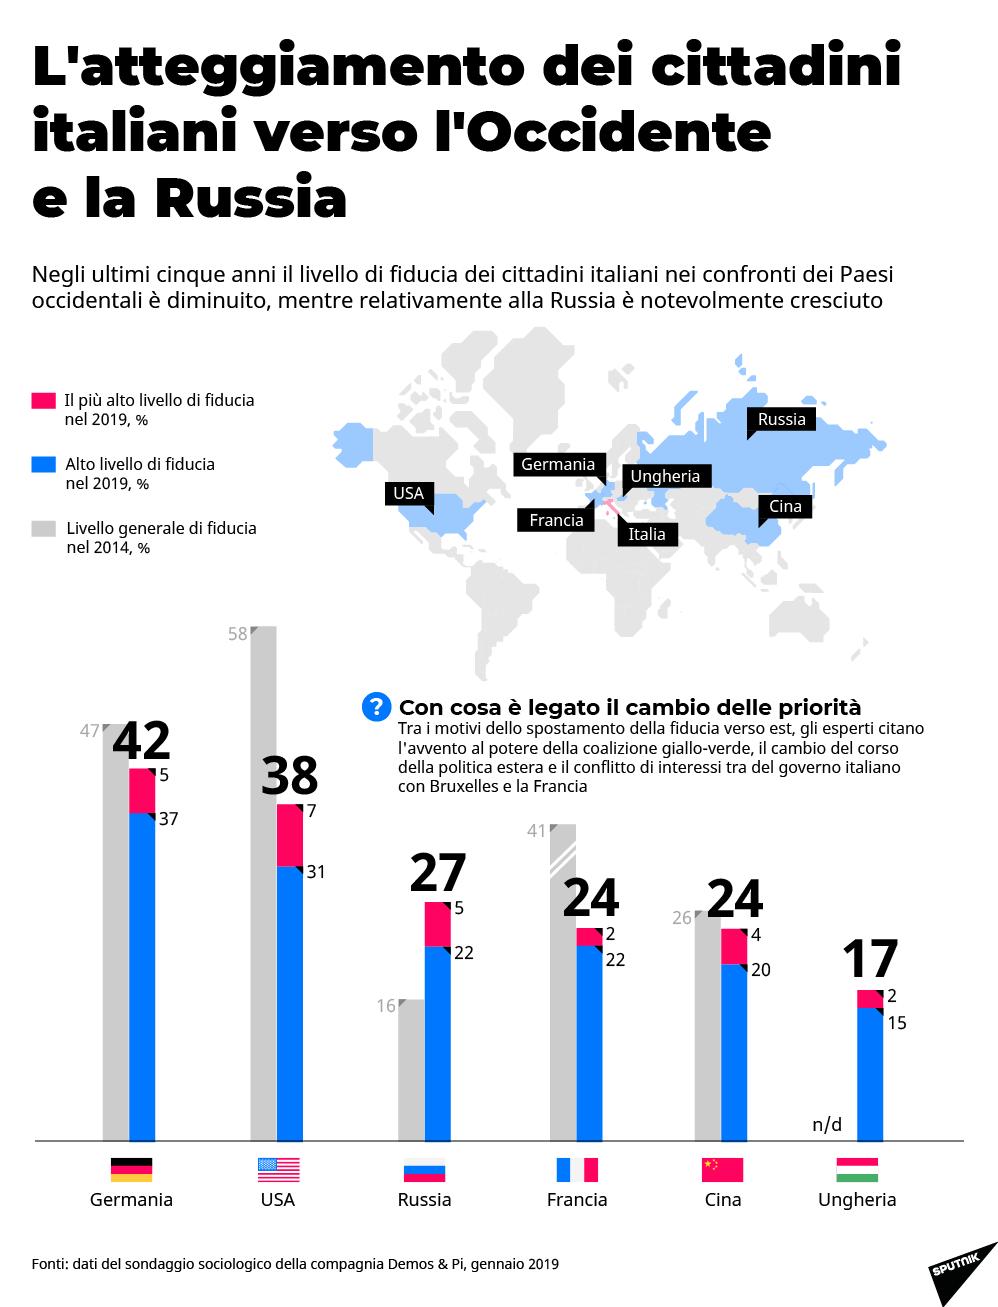 L'atteggiamento degli italiani verso la Russia e l'Occidente